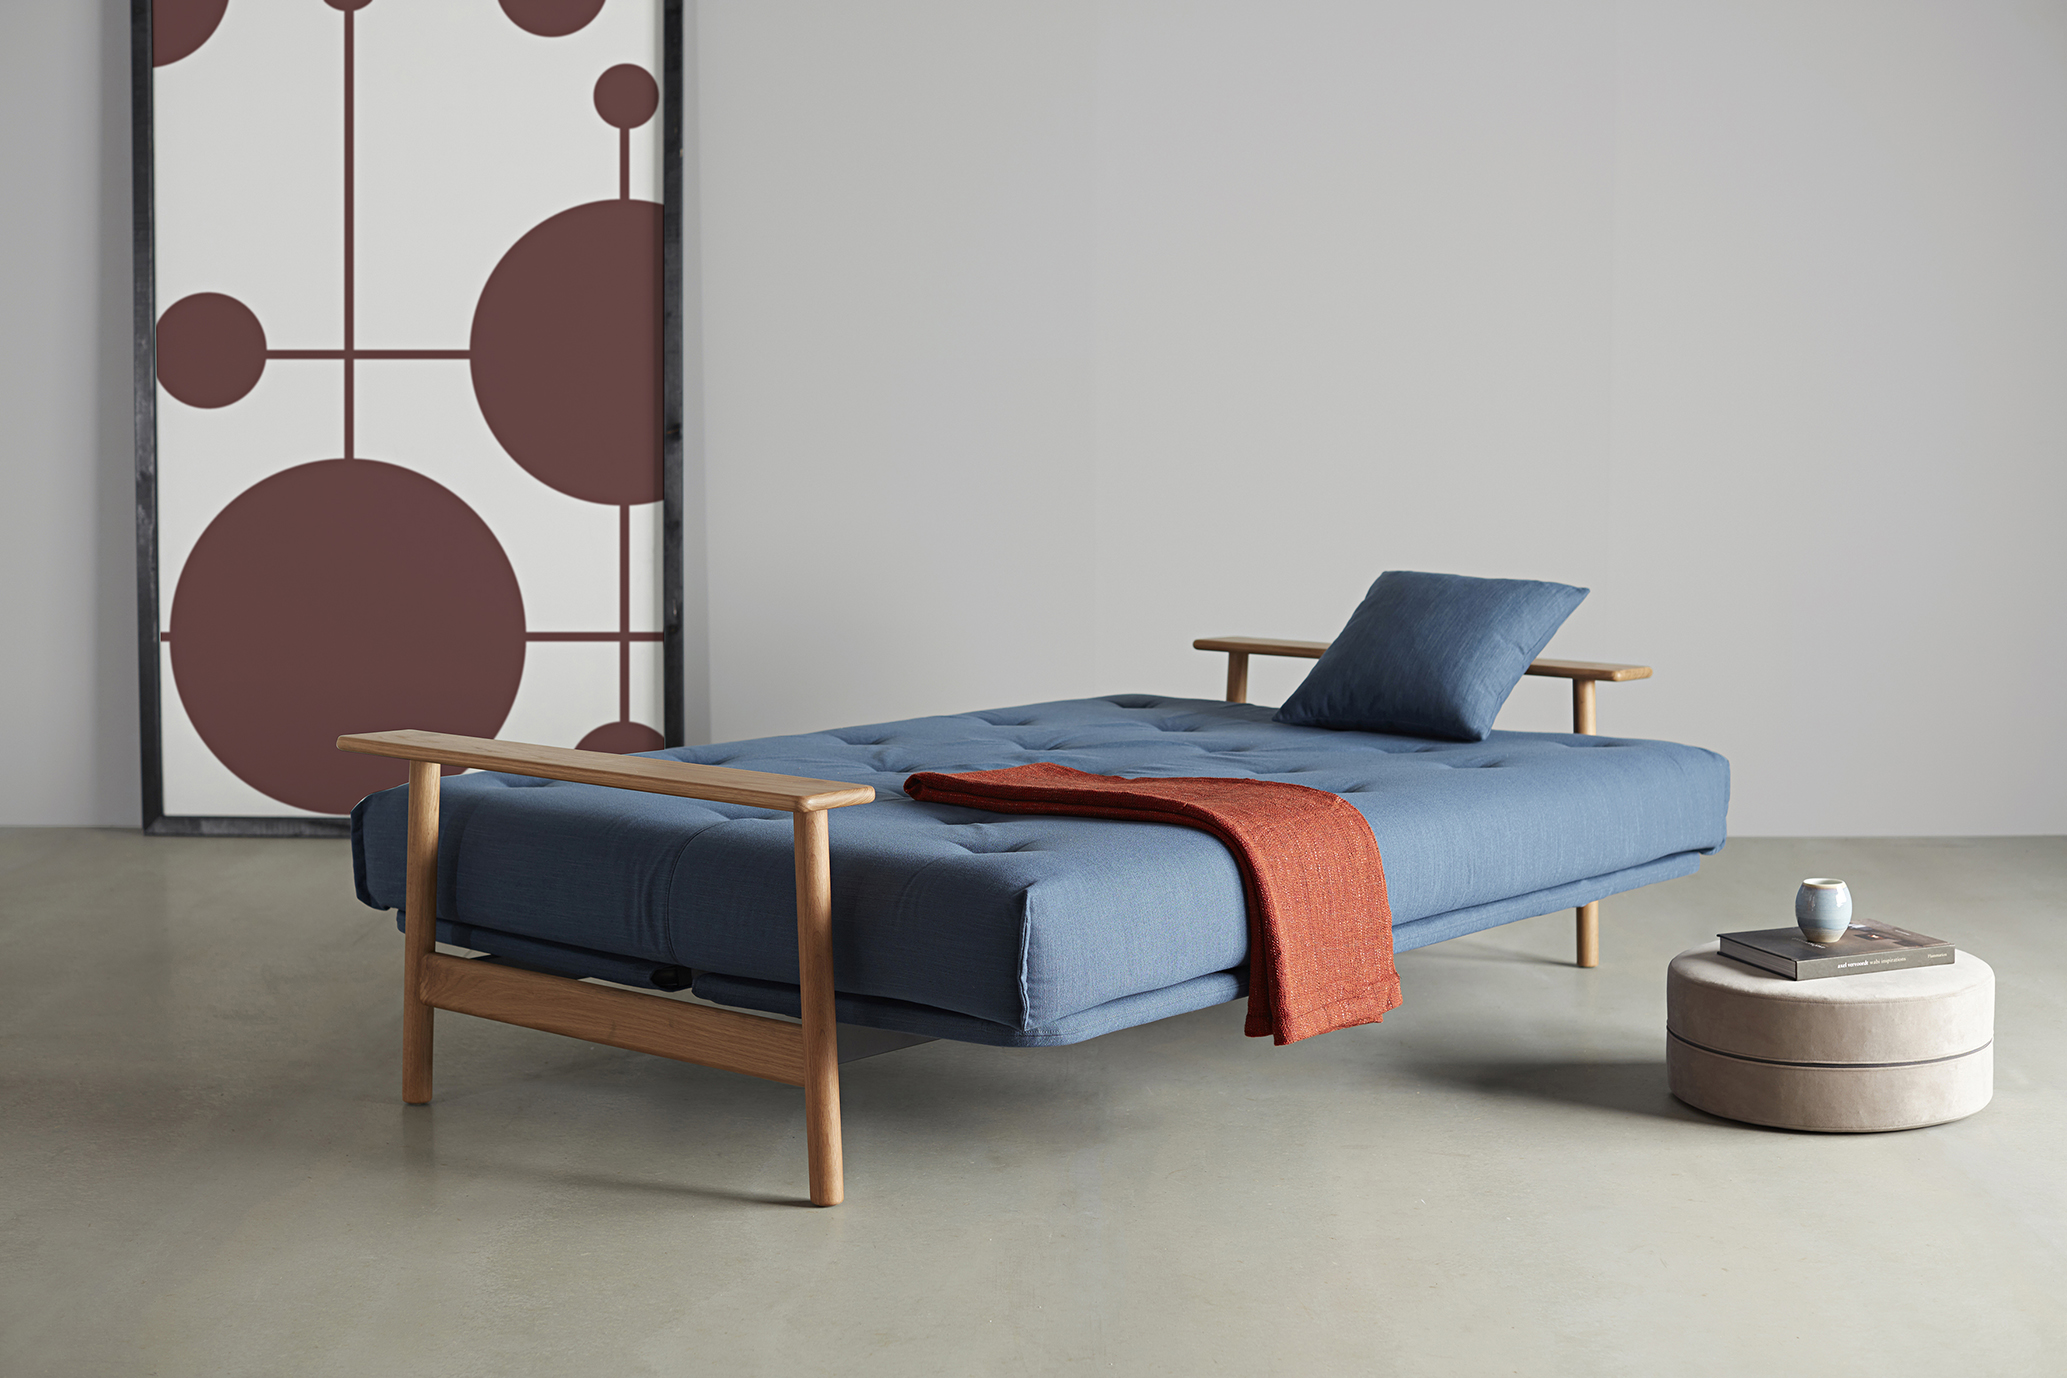 balder-sofa-bed-oliver-lukas-weisskrogh-2.jpg